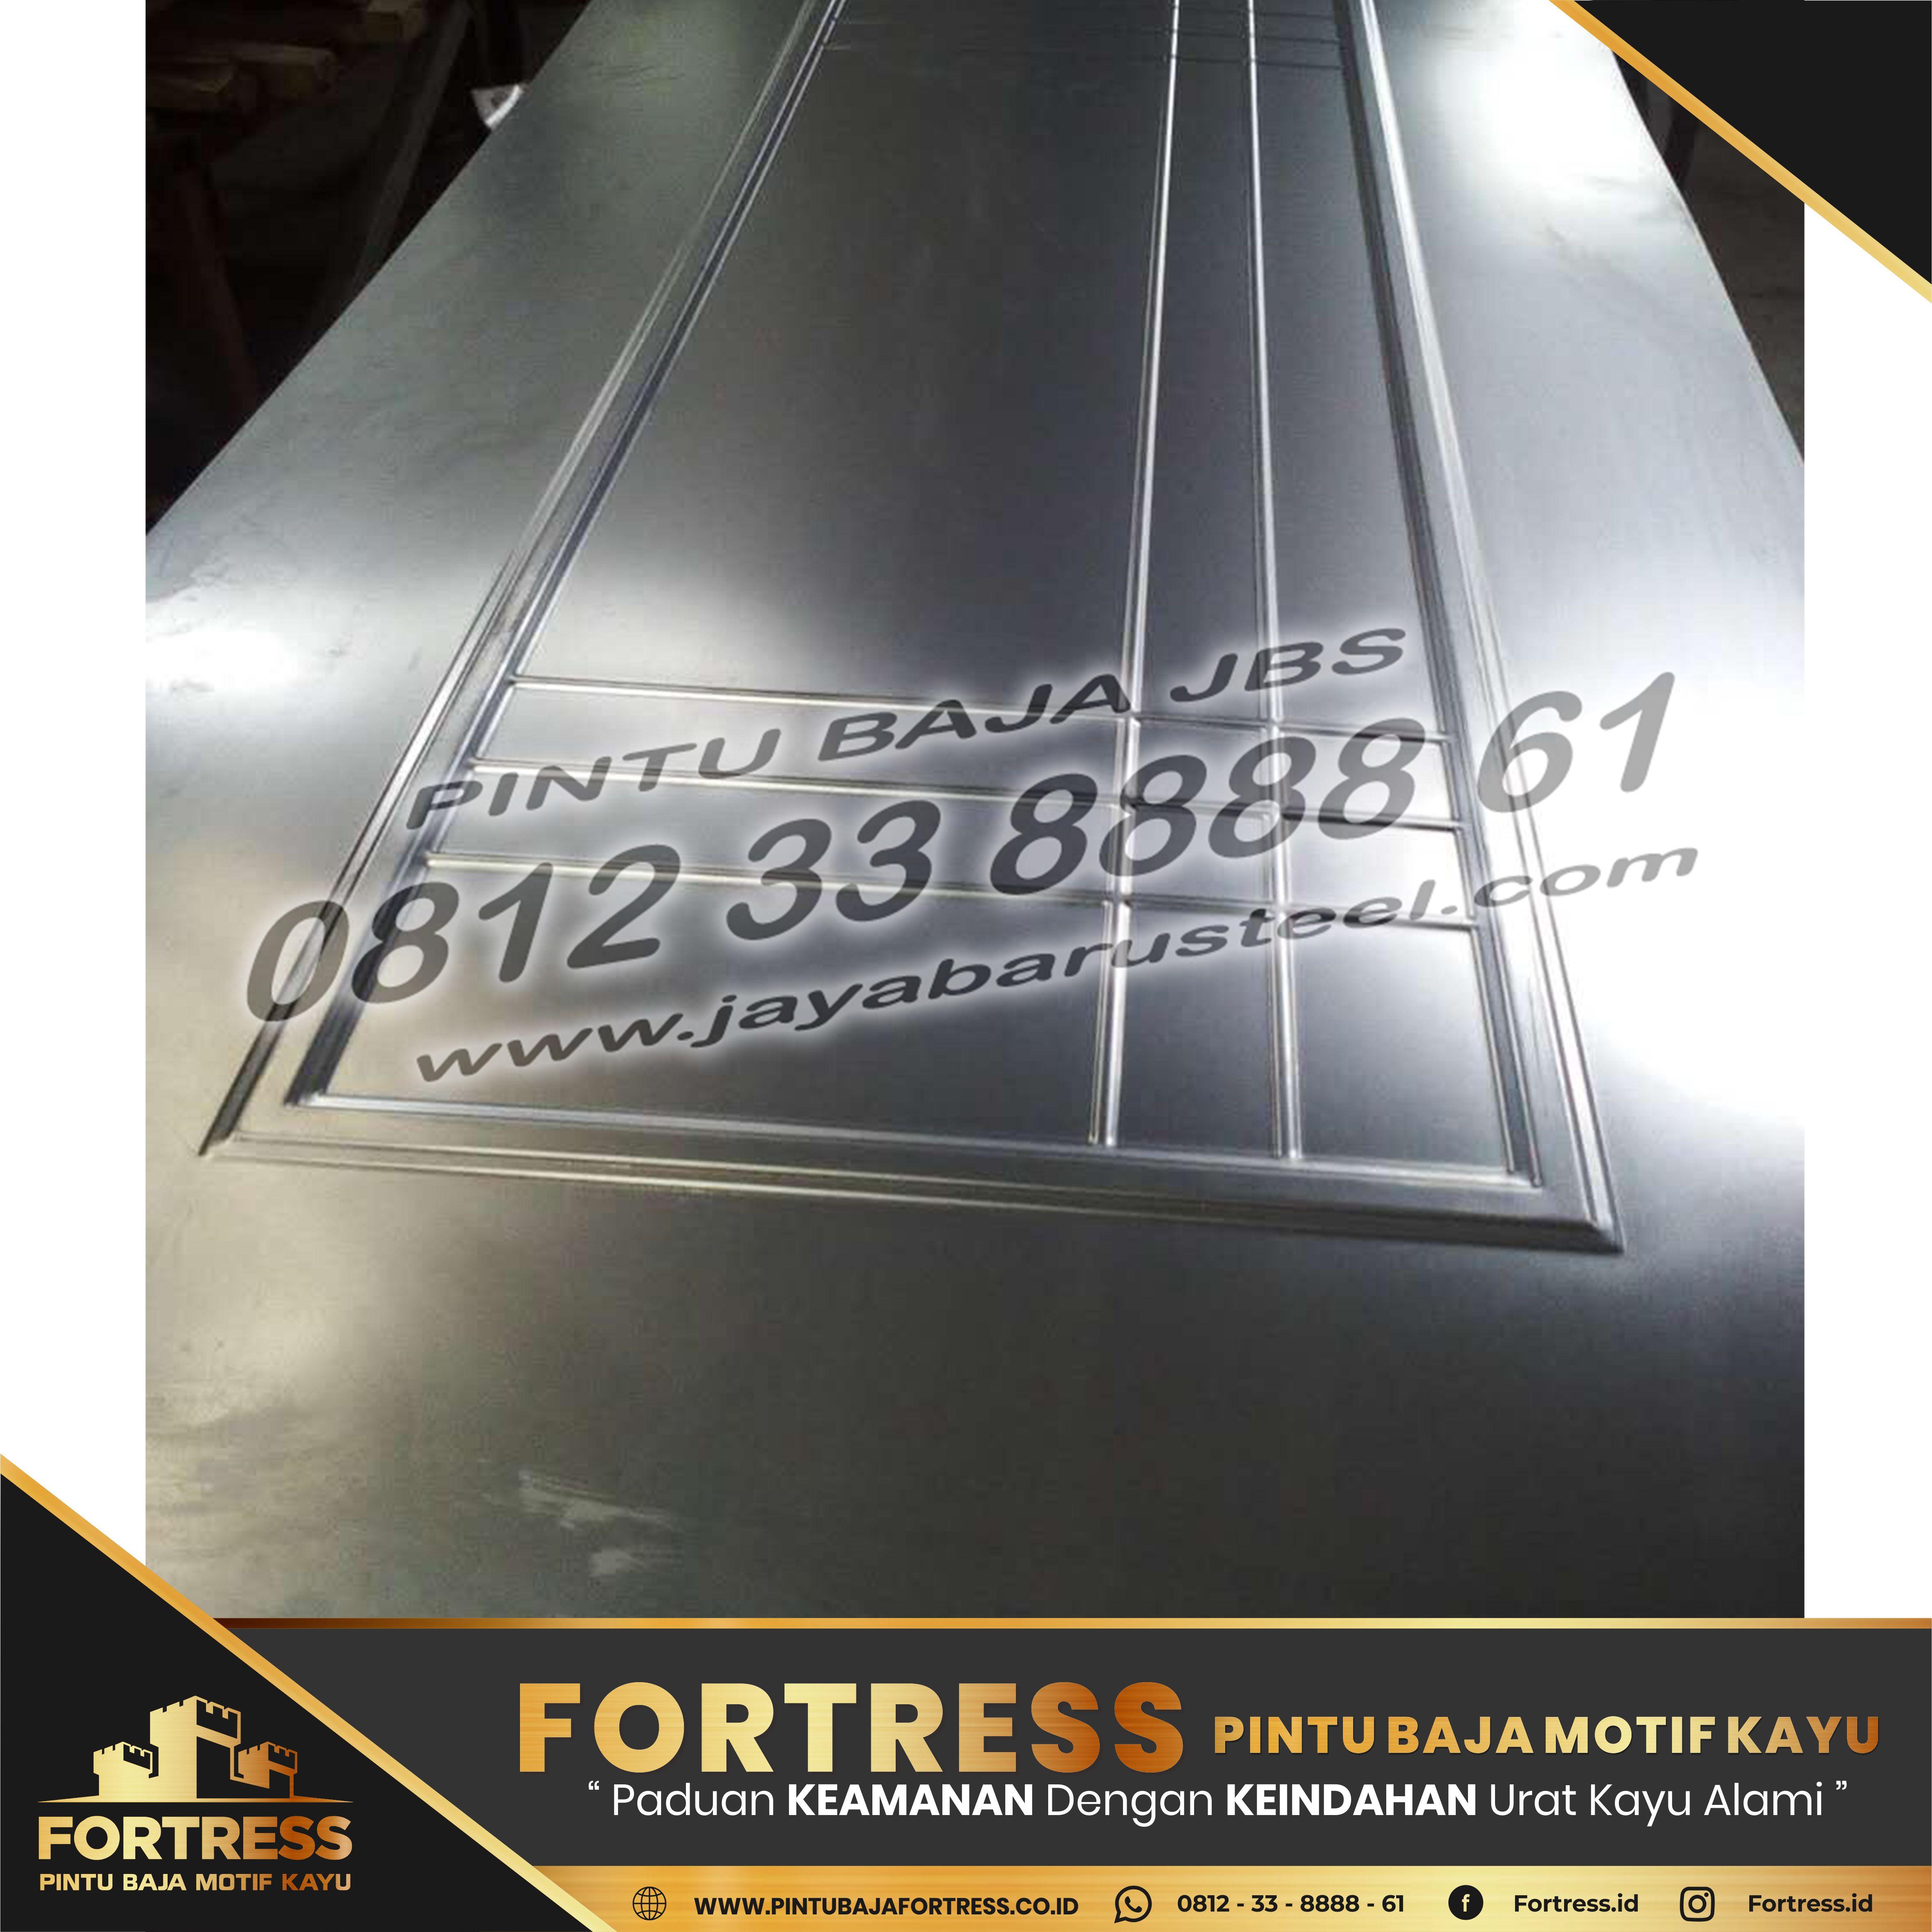 0812-91-6261-07 (FORTRESS) Pekan Baru Steel Panel Doors